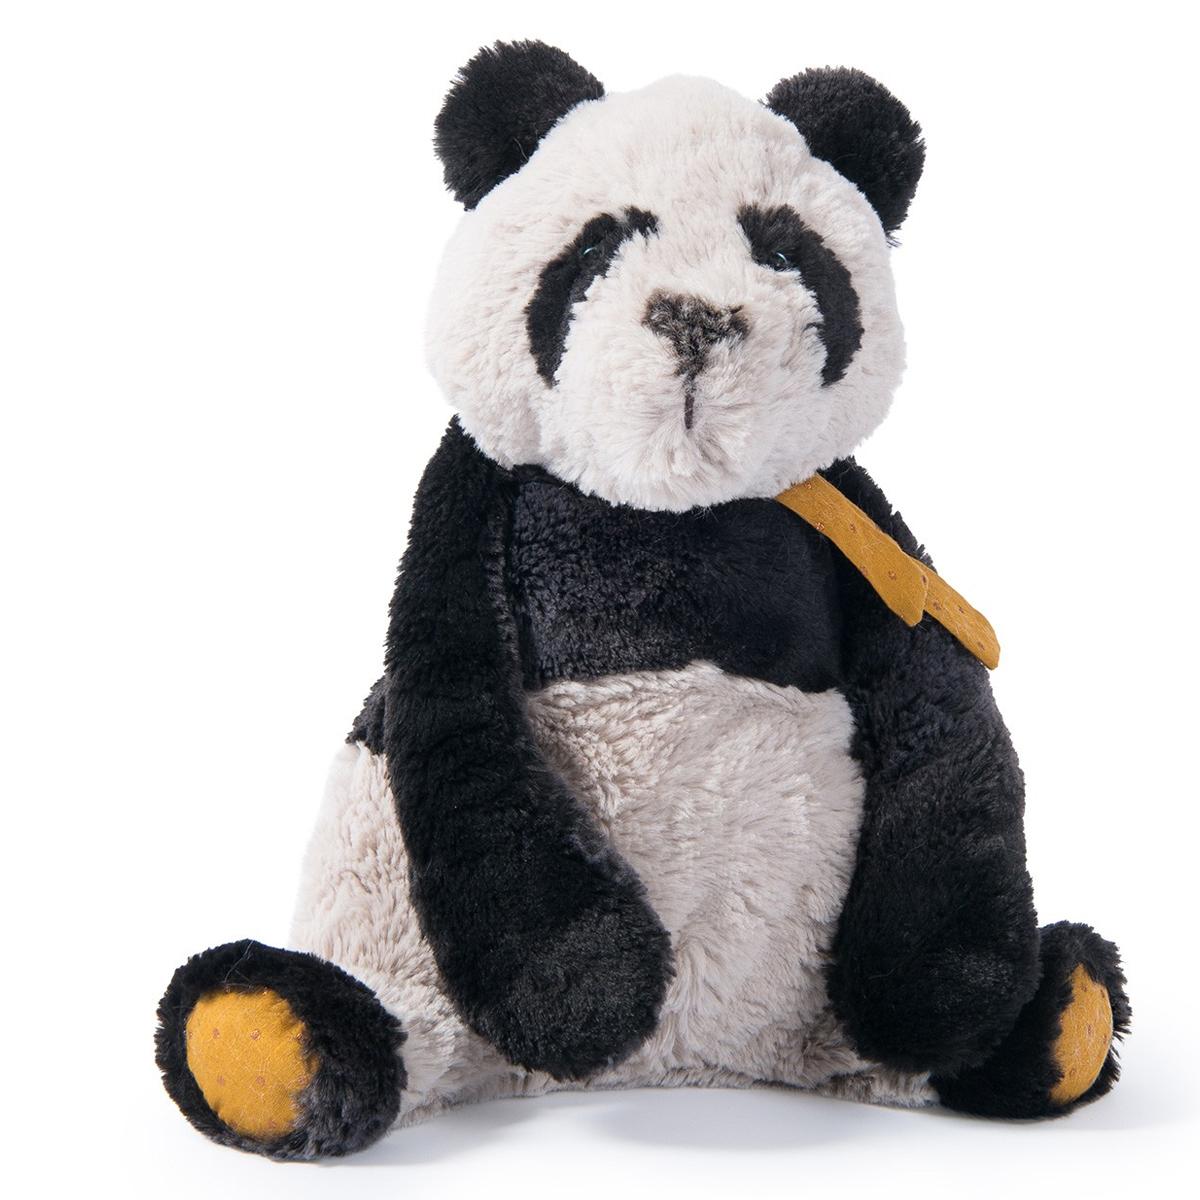 Mes premiers jouets Poupée Dada le Panda - Les Roty Moulin Bazar Poupée Dada le Panda - Les Roty Moulin Bazar